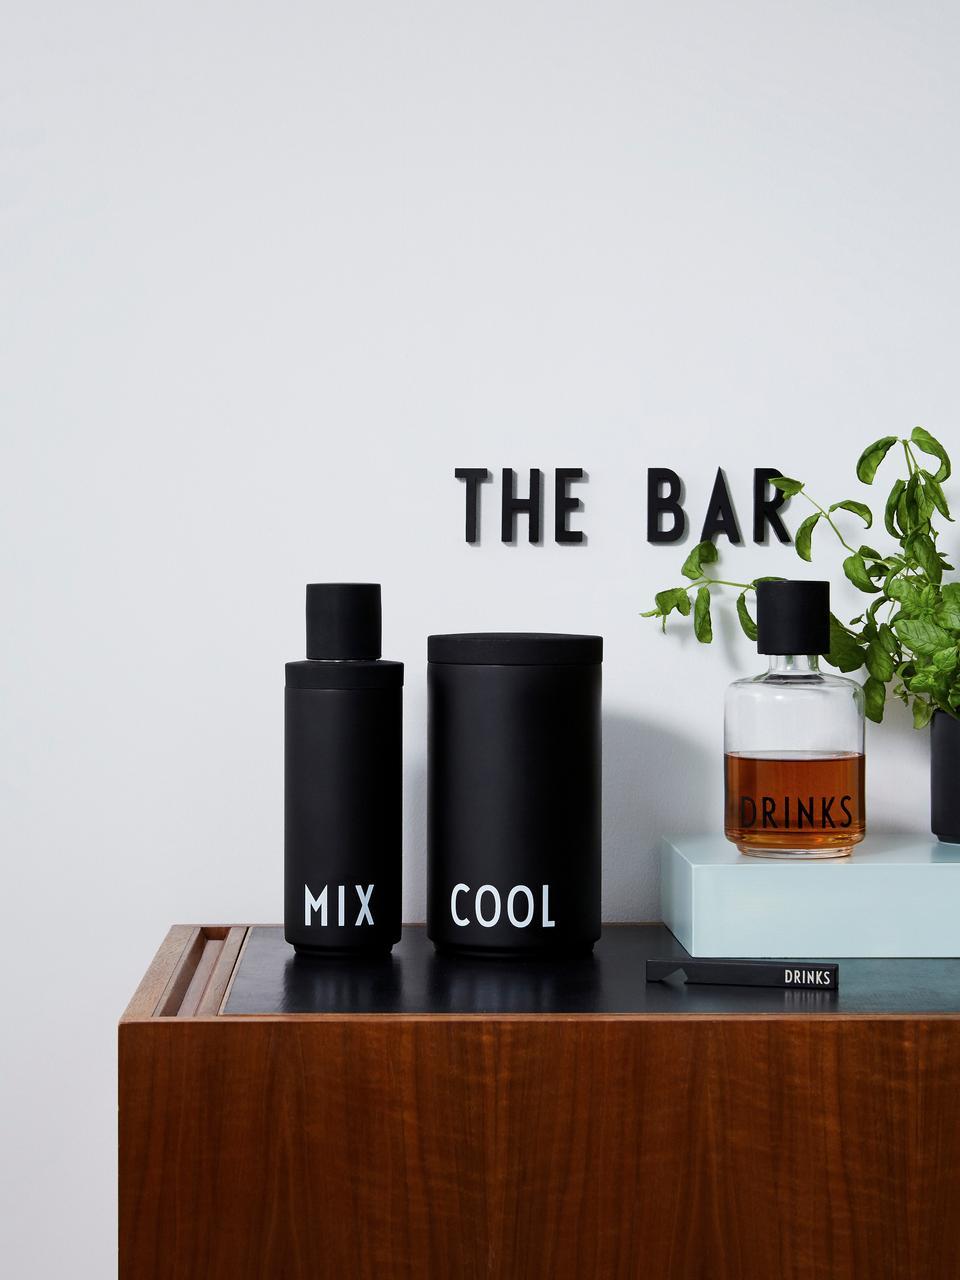 Cocktailshaker Mix, Fles: RVS, Sluiting: RVS met siliconensluiting, Buitenzijde: mat zwart, wit. Binnenzijde: edelstaalkleurig, Ø 7 x H 23 cm